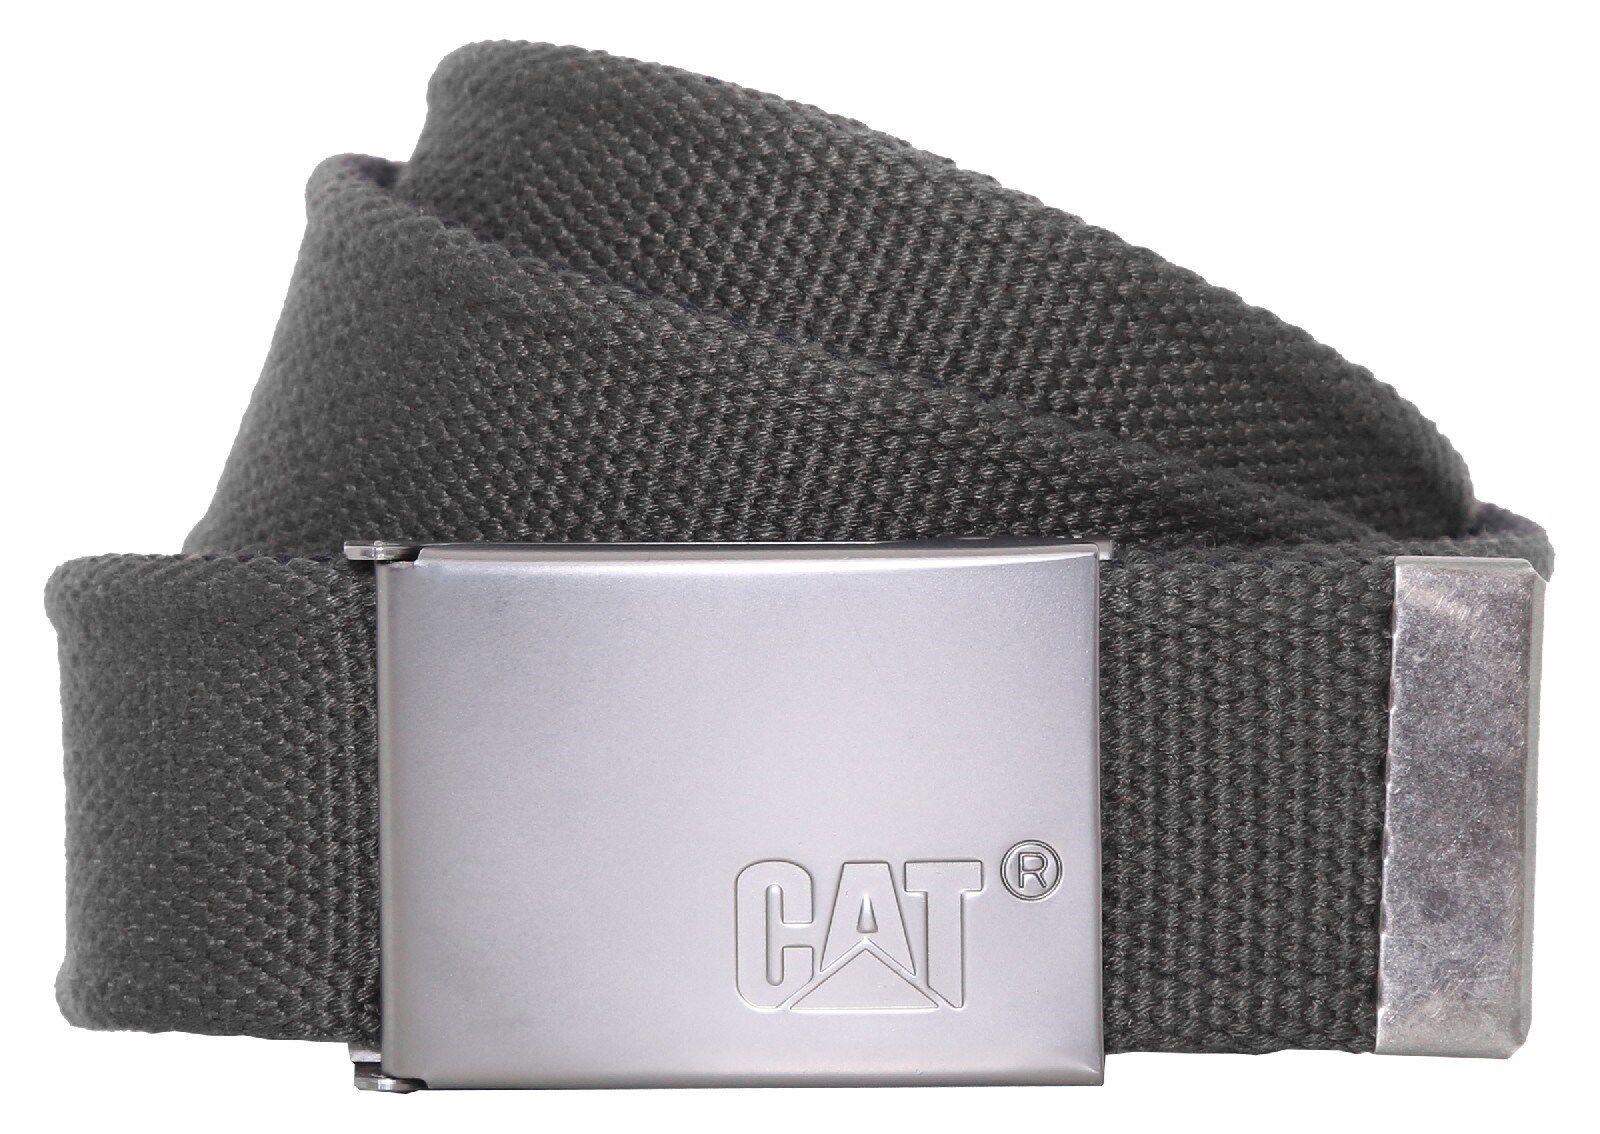 CAT Caterpillar Wert Gürtel Herren Schwarz Arbeitskleidung